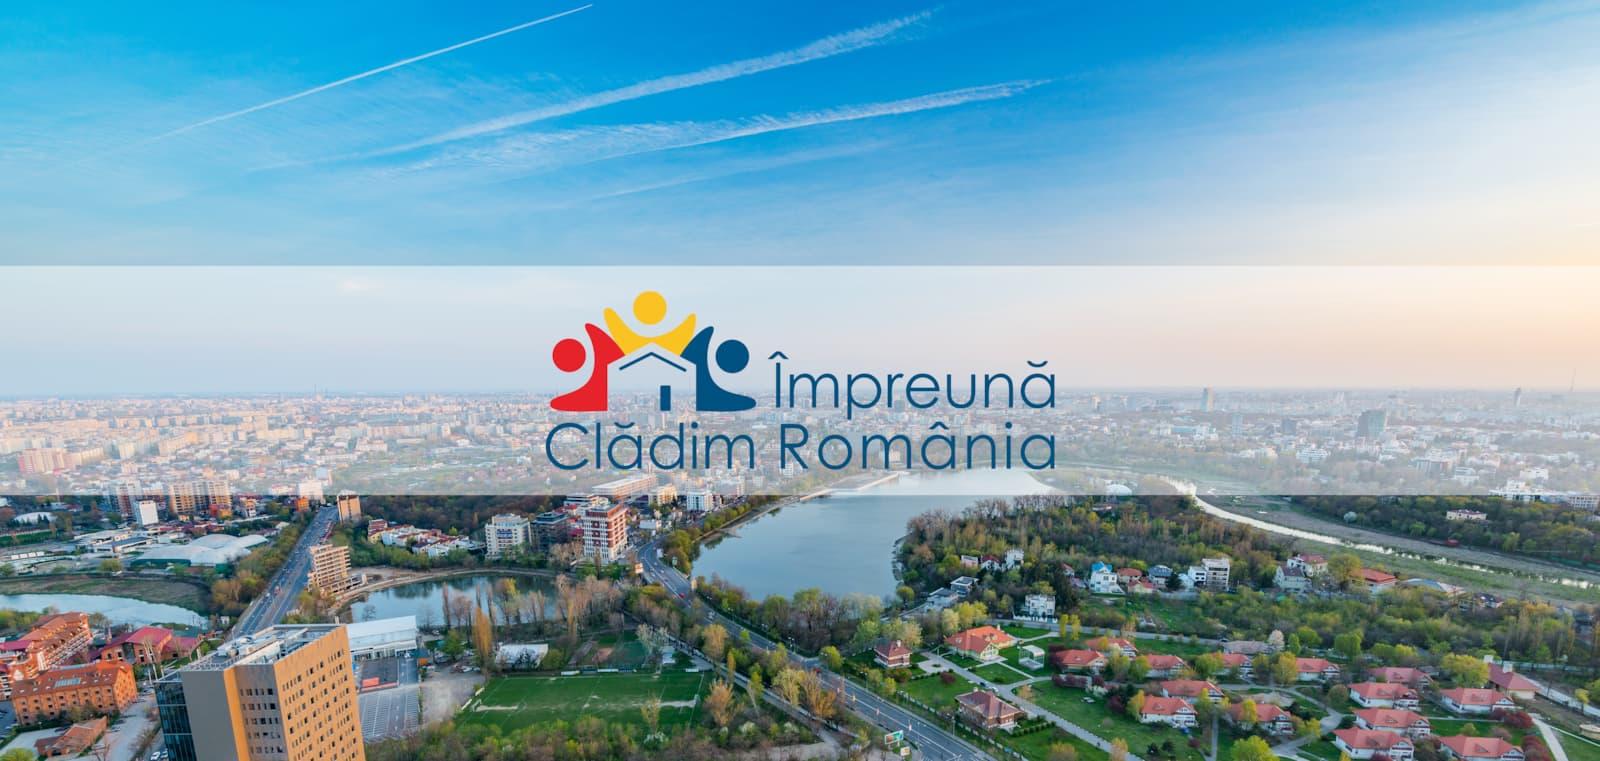 Evenimente importante Impreuna Cladim Romania Grup TeraPlast